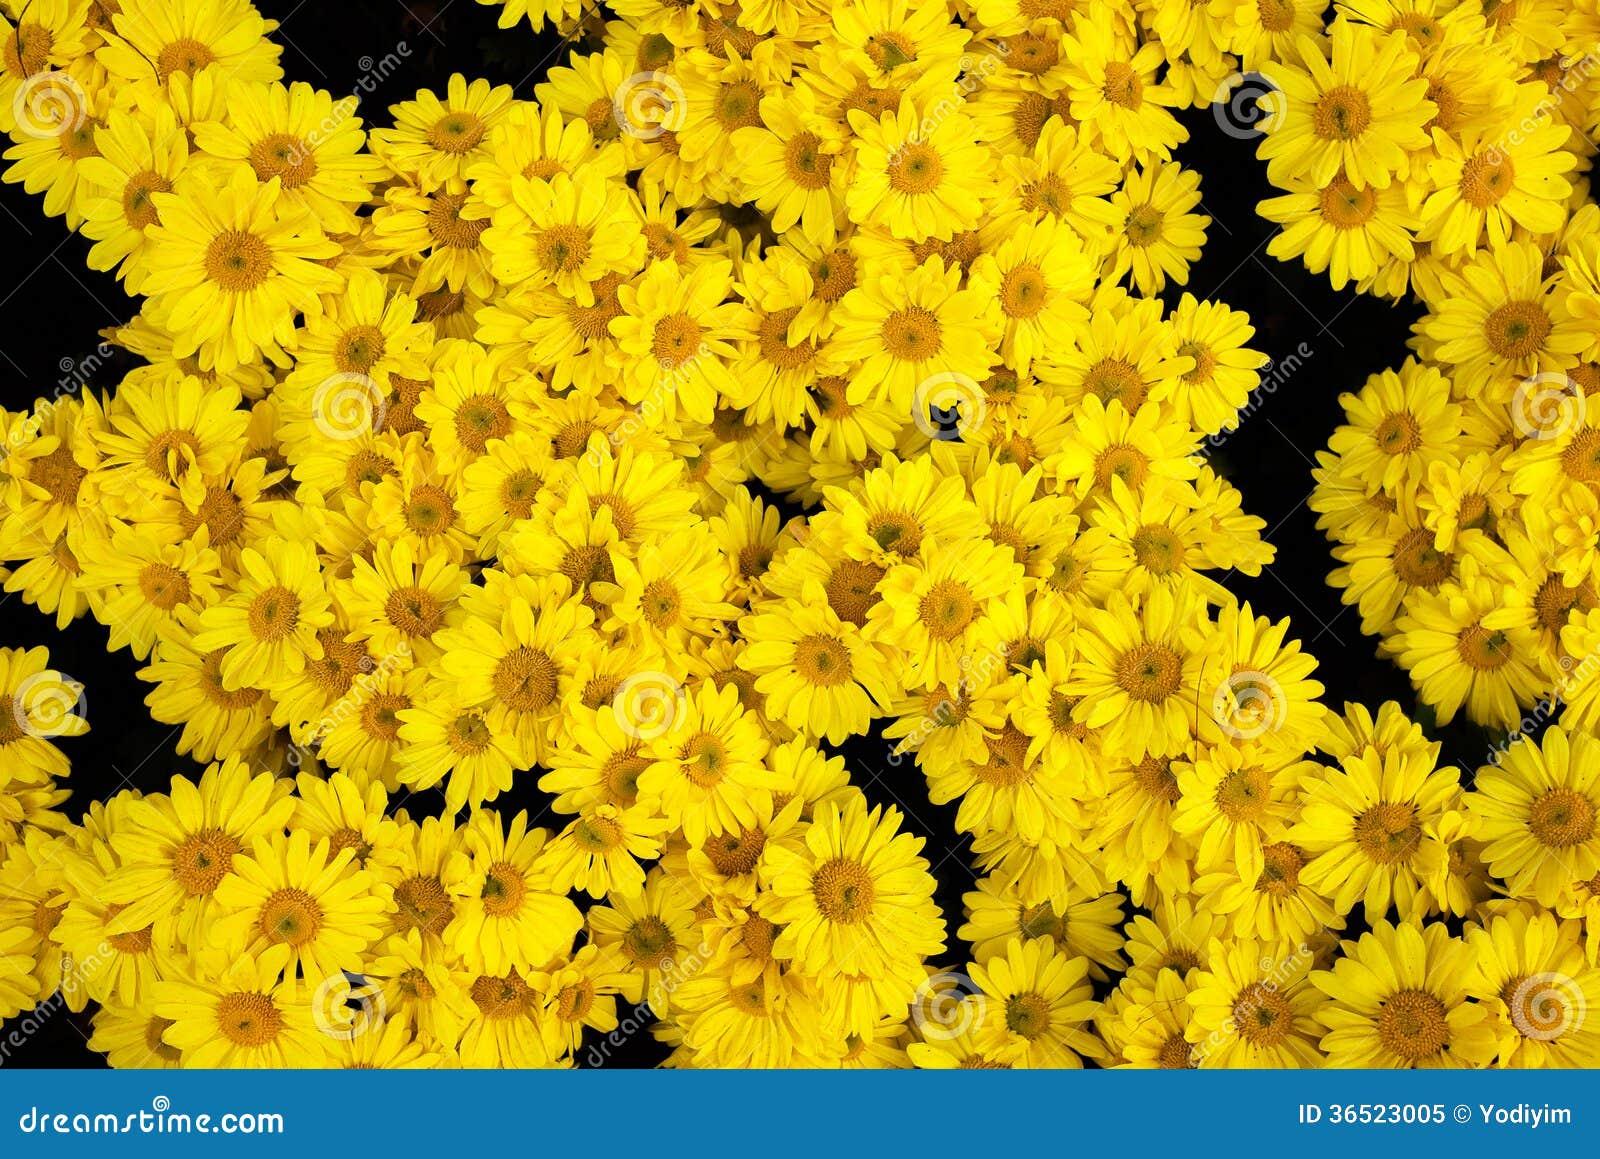 Belles fleurs de chrysanthème